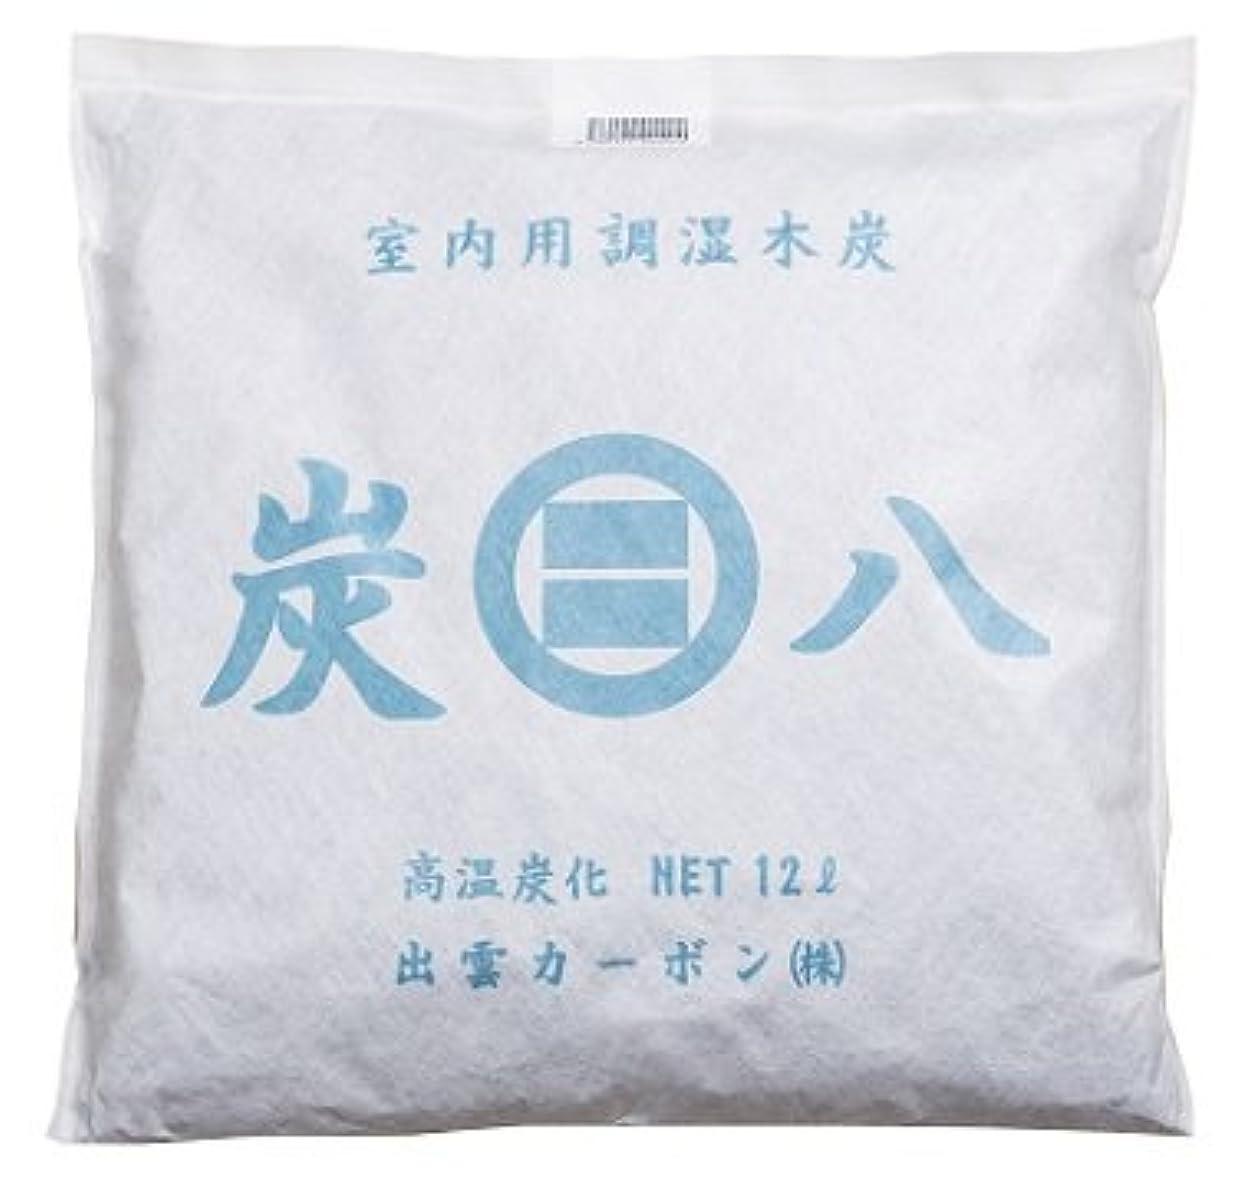 飲食店覚醒かご出雲カーボン 炭八 室内用 4袋セット (スマート小袋 1袋セット)